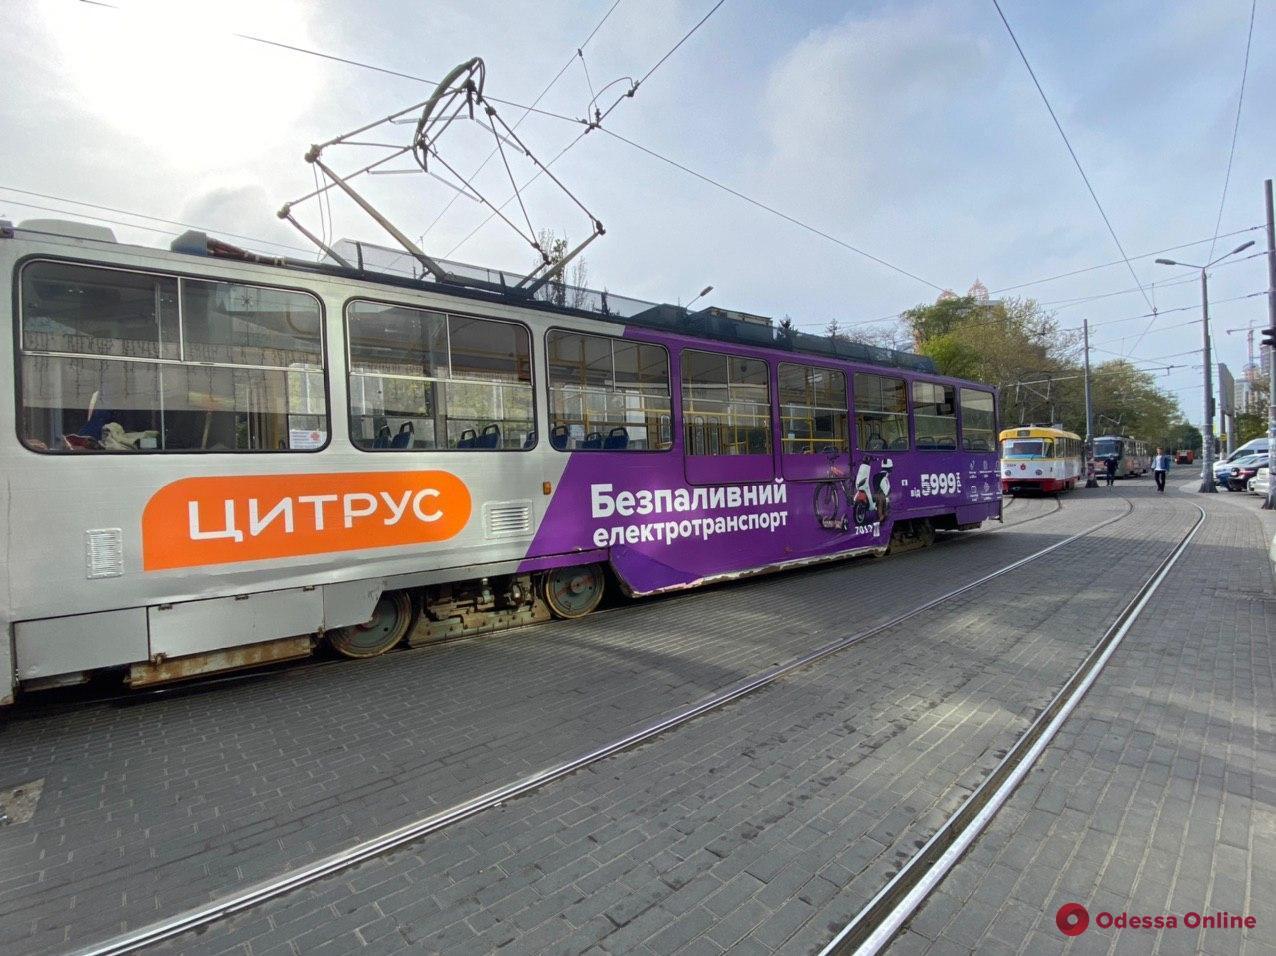 Автохам заблокировал движение трамваев в Аркадии (фото)